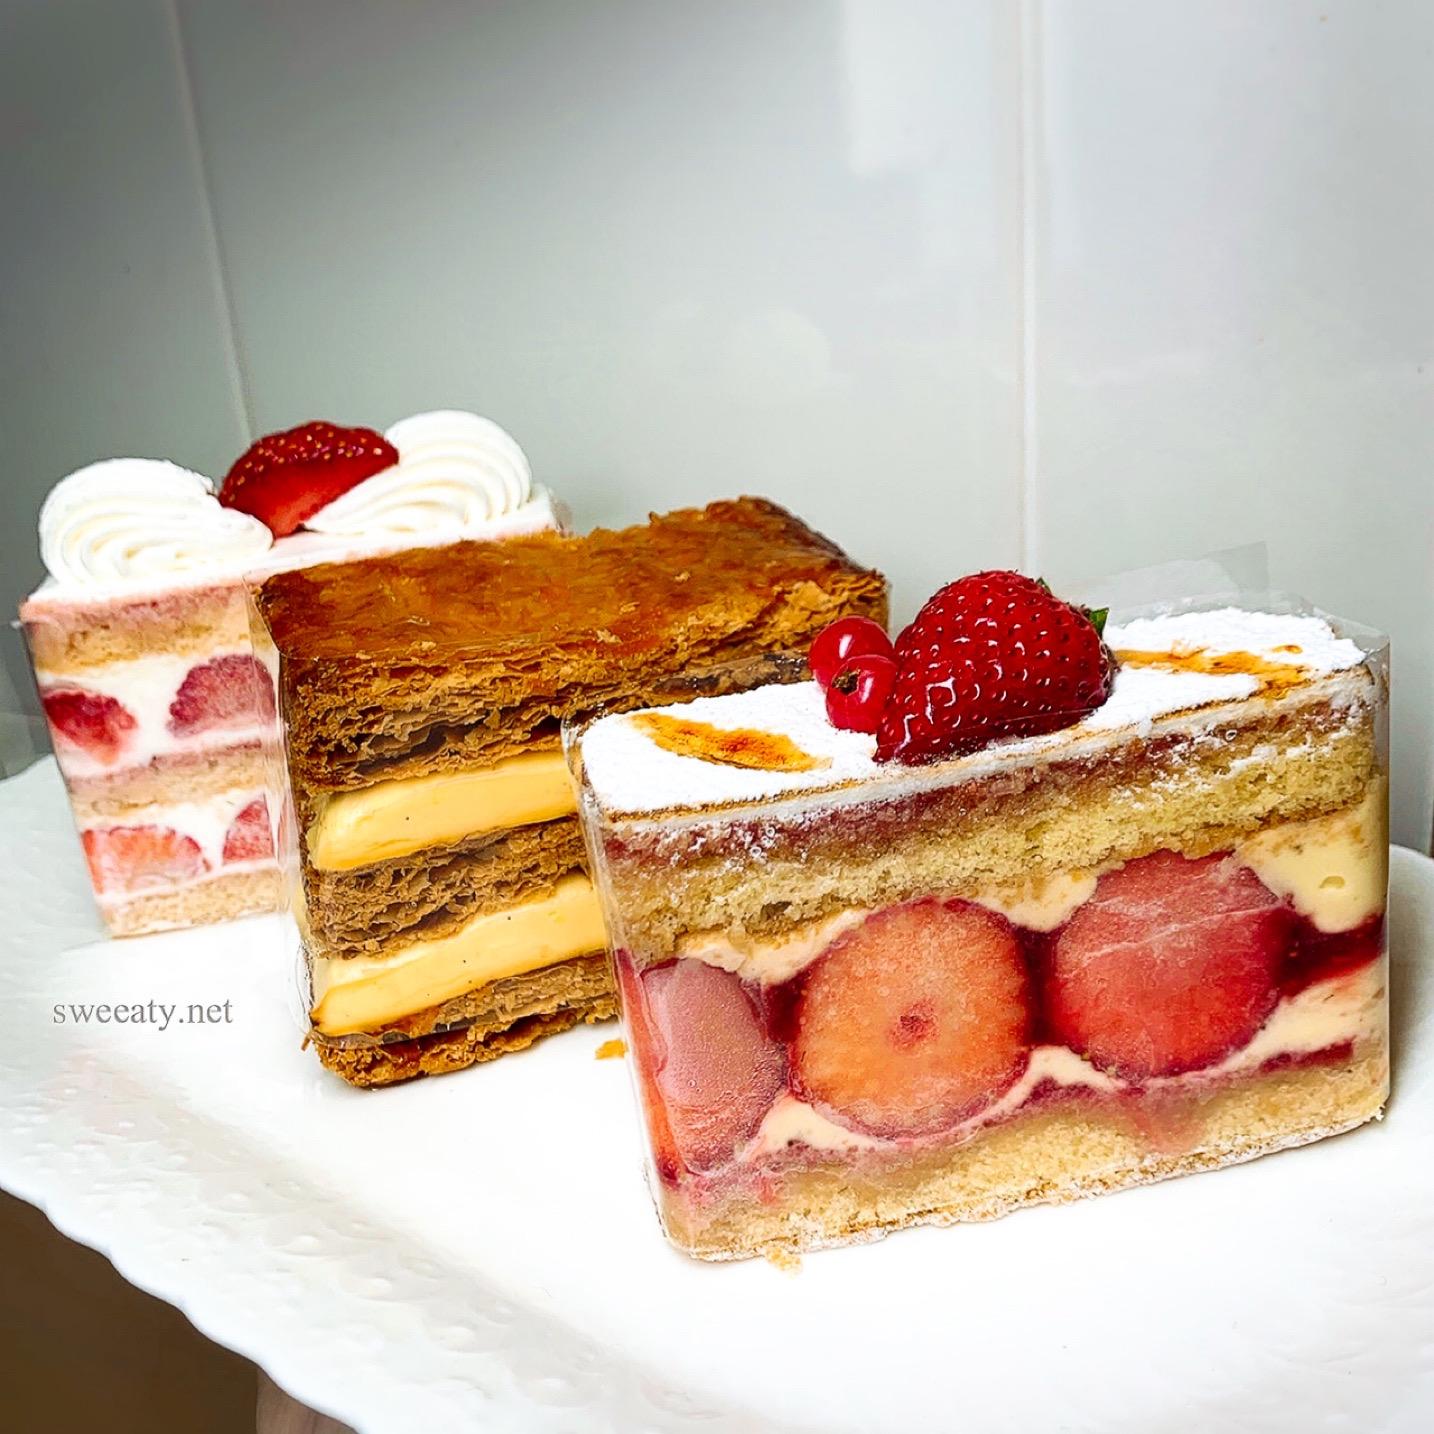 東京でケーキ食べるならここ!目白エーグルドゥース◆全てのパーツが美味しい超おすすめパティスリー!